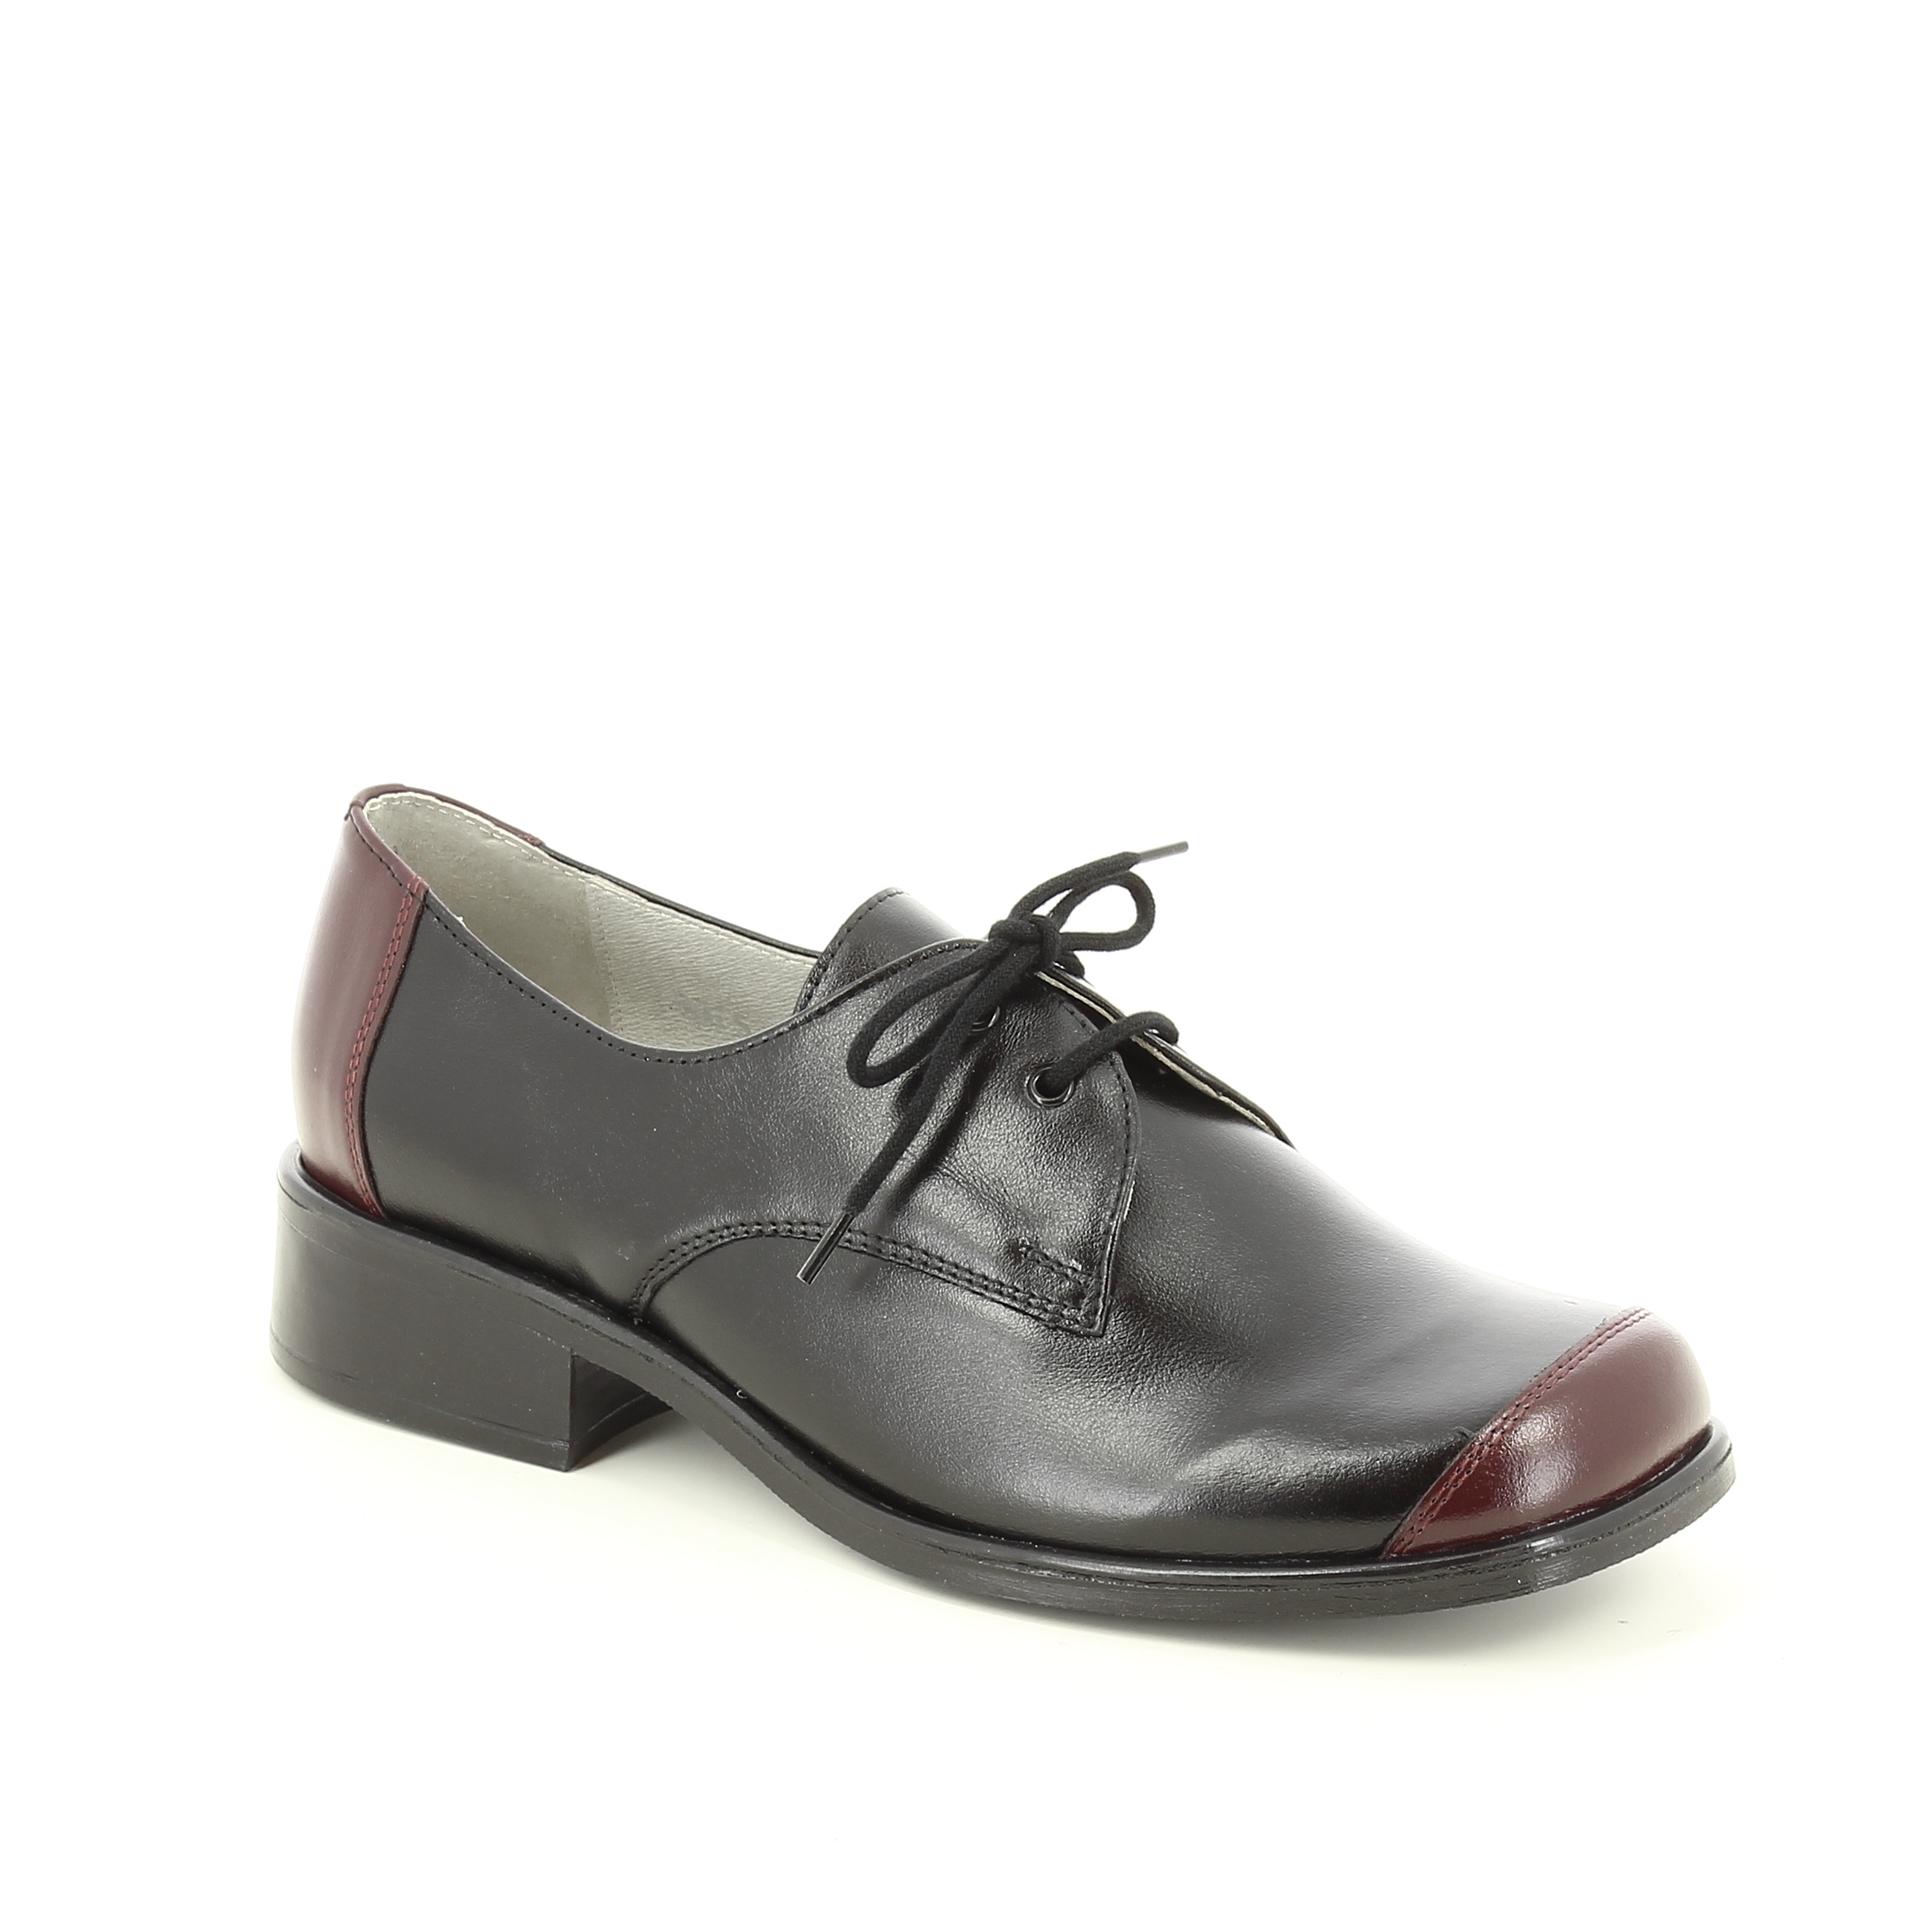 Bercolini Kényelmes cipők Estrella, női, fél, bőr